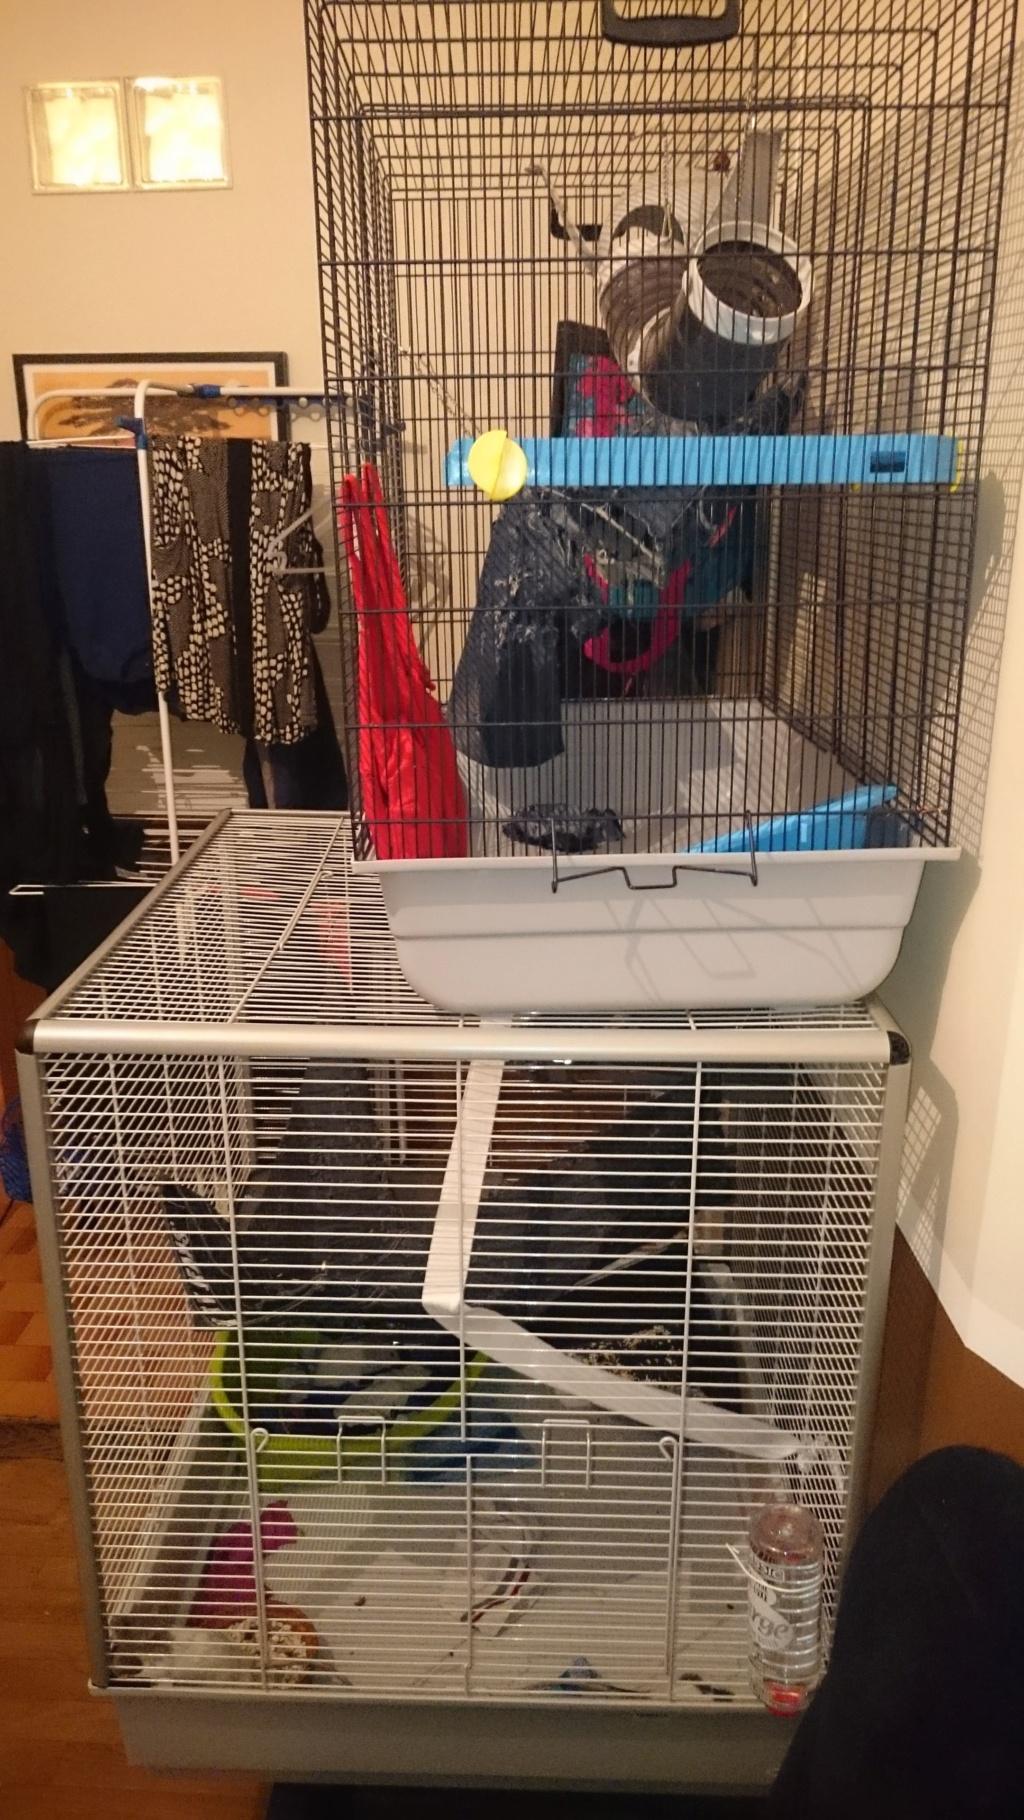 A Vendre Cage Ferplast Furet/Rat/ Rongeur XL et Cage Freddy Savi 92 RP Dsc_0012